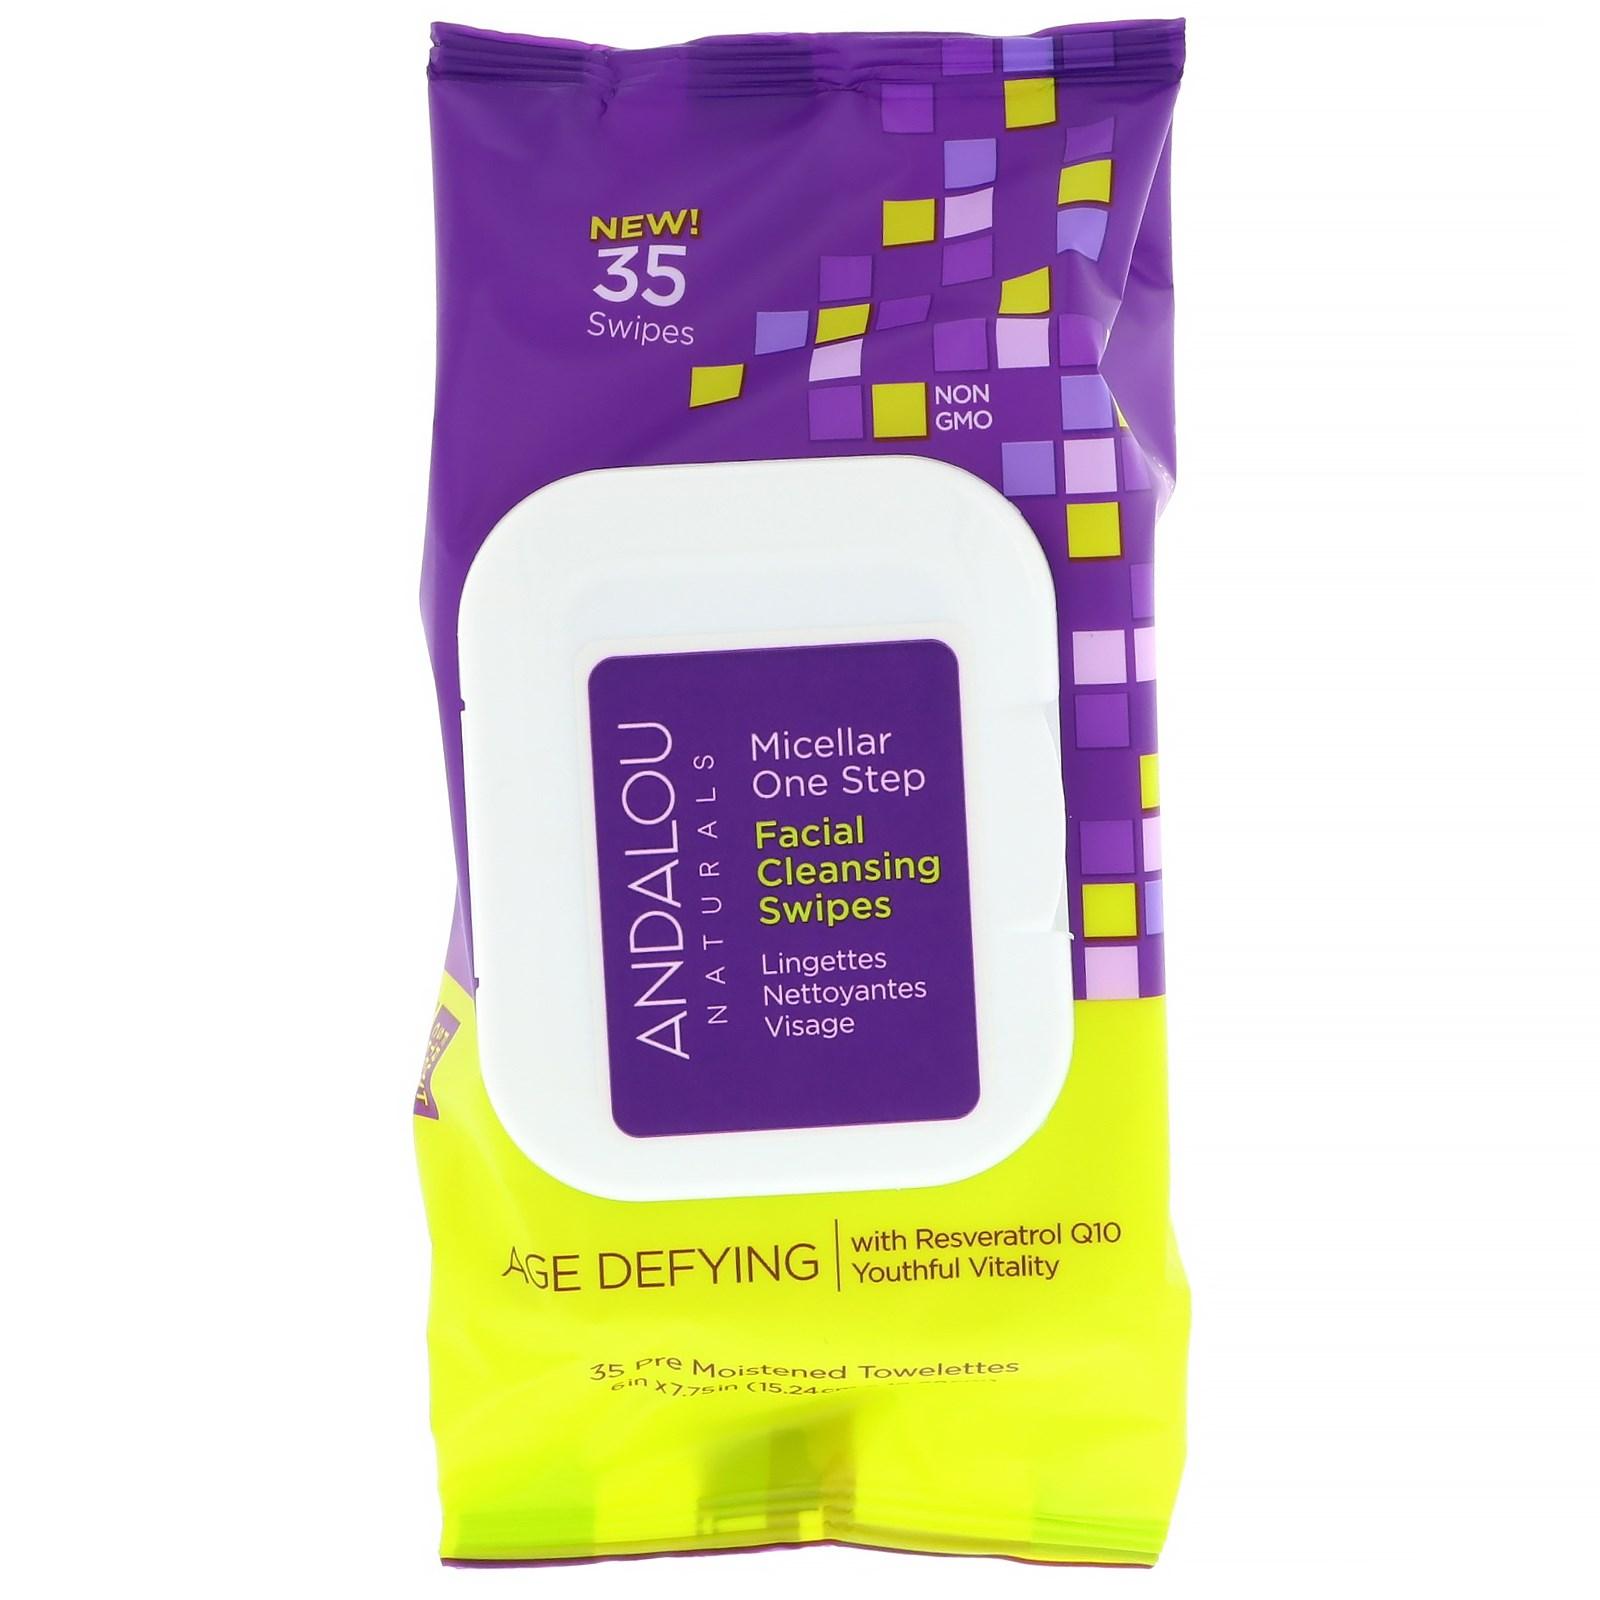 Andalou Naturals, Антивозрастное средство, мицеллярные одноразовые чистящие салфетки для лица, 35 предварительно увлажненных салфеток